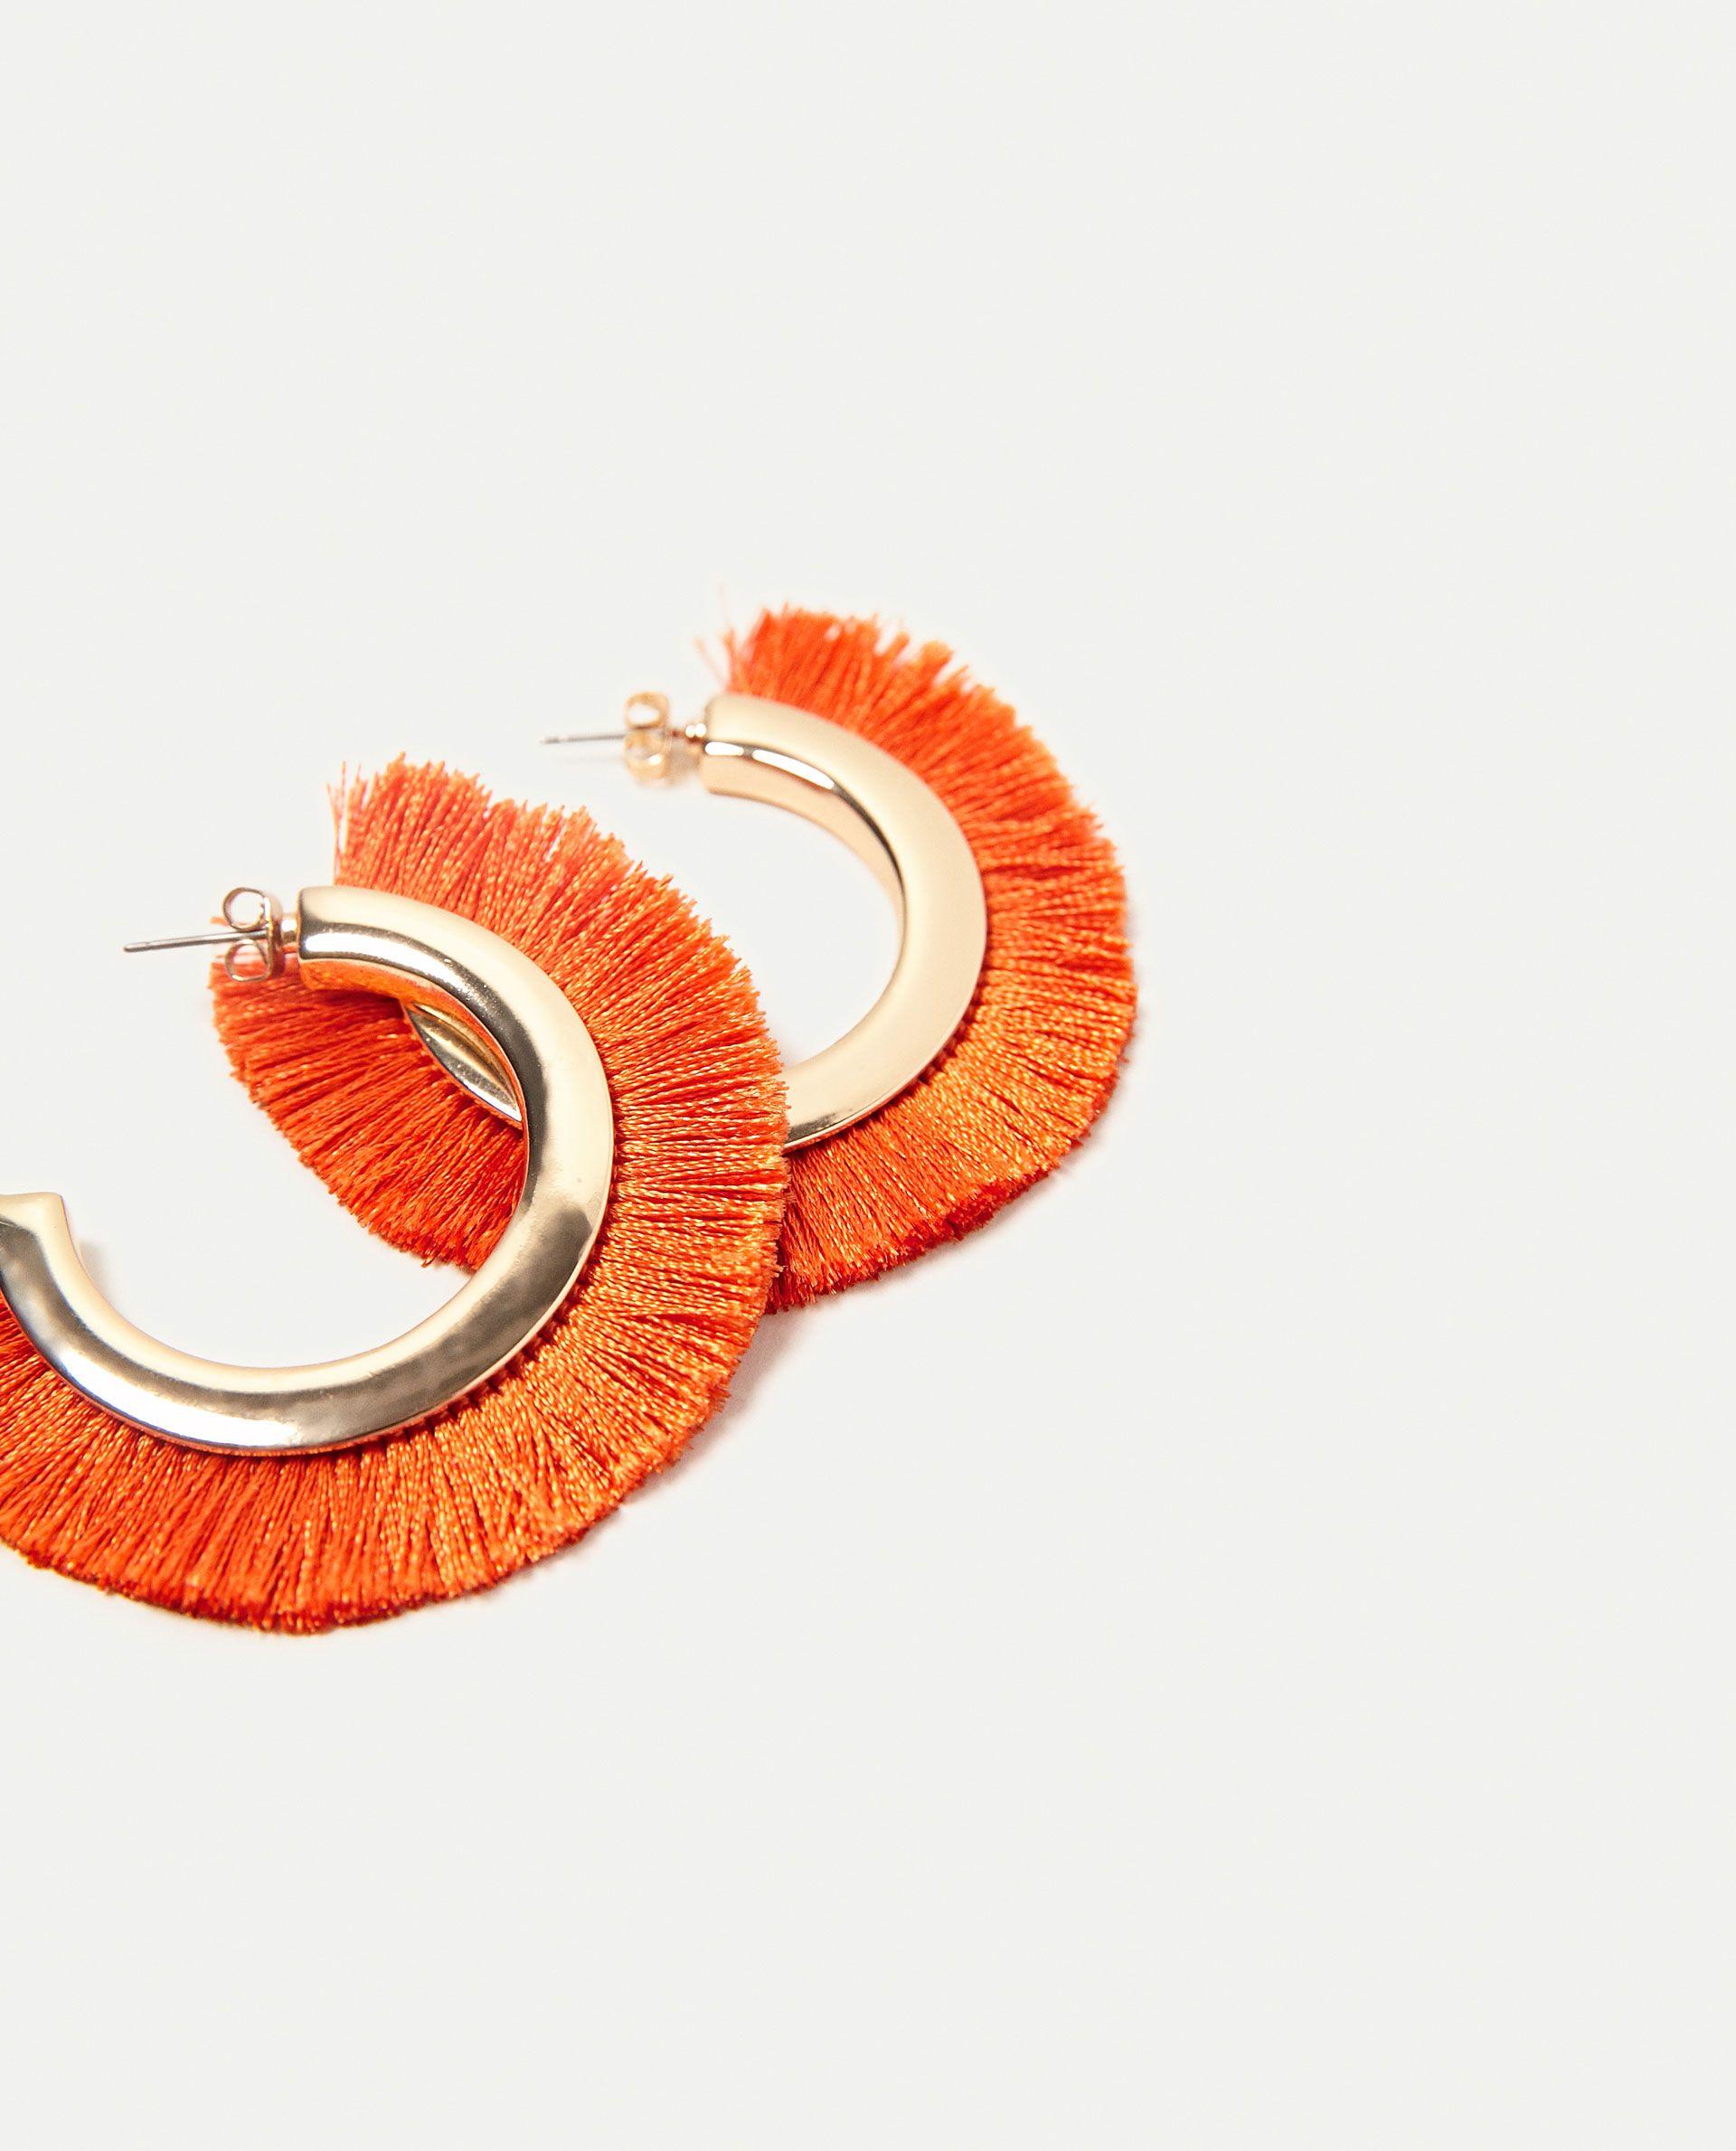 fringed hoop earrings details 1,290 rsd color: orange 1856/055